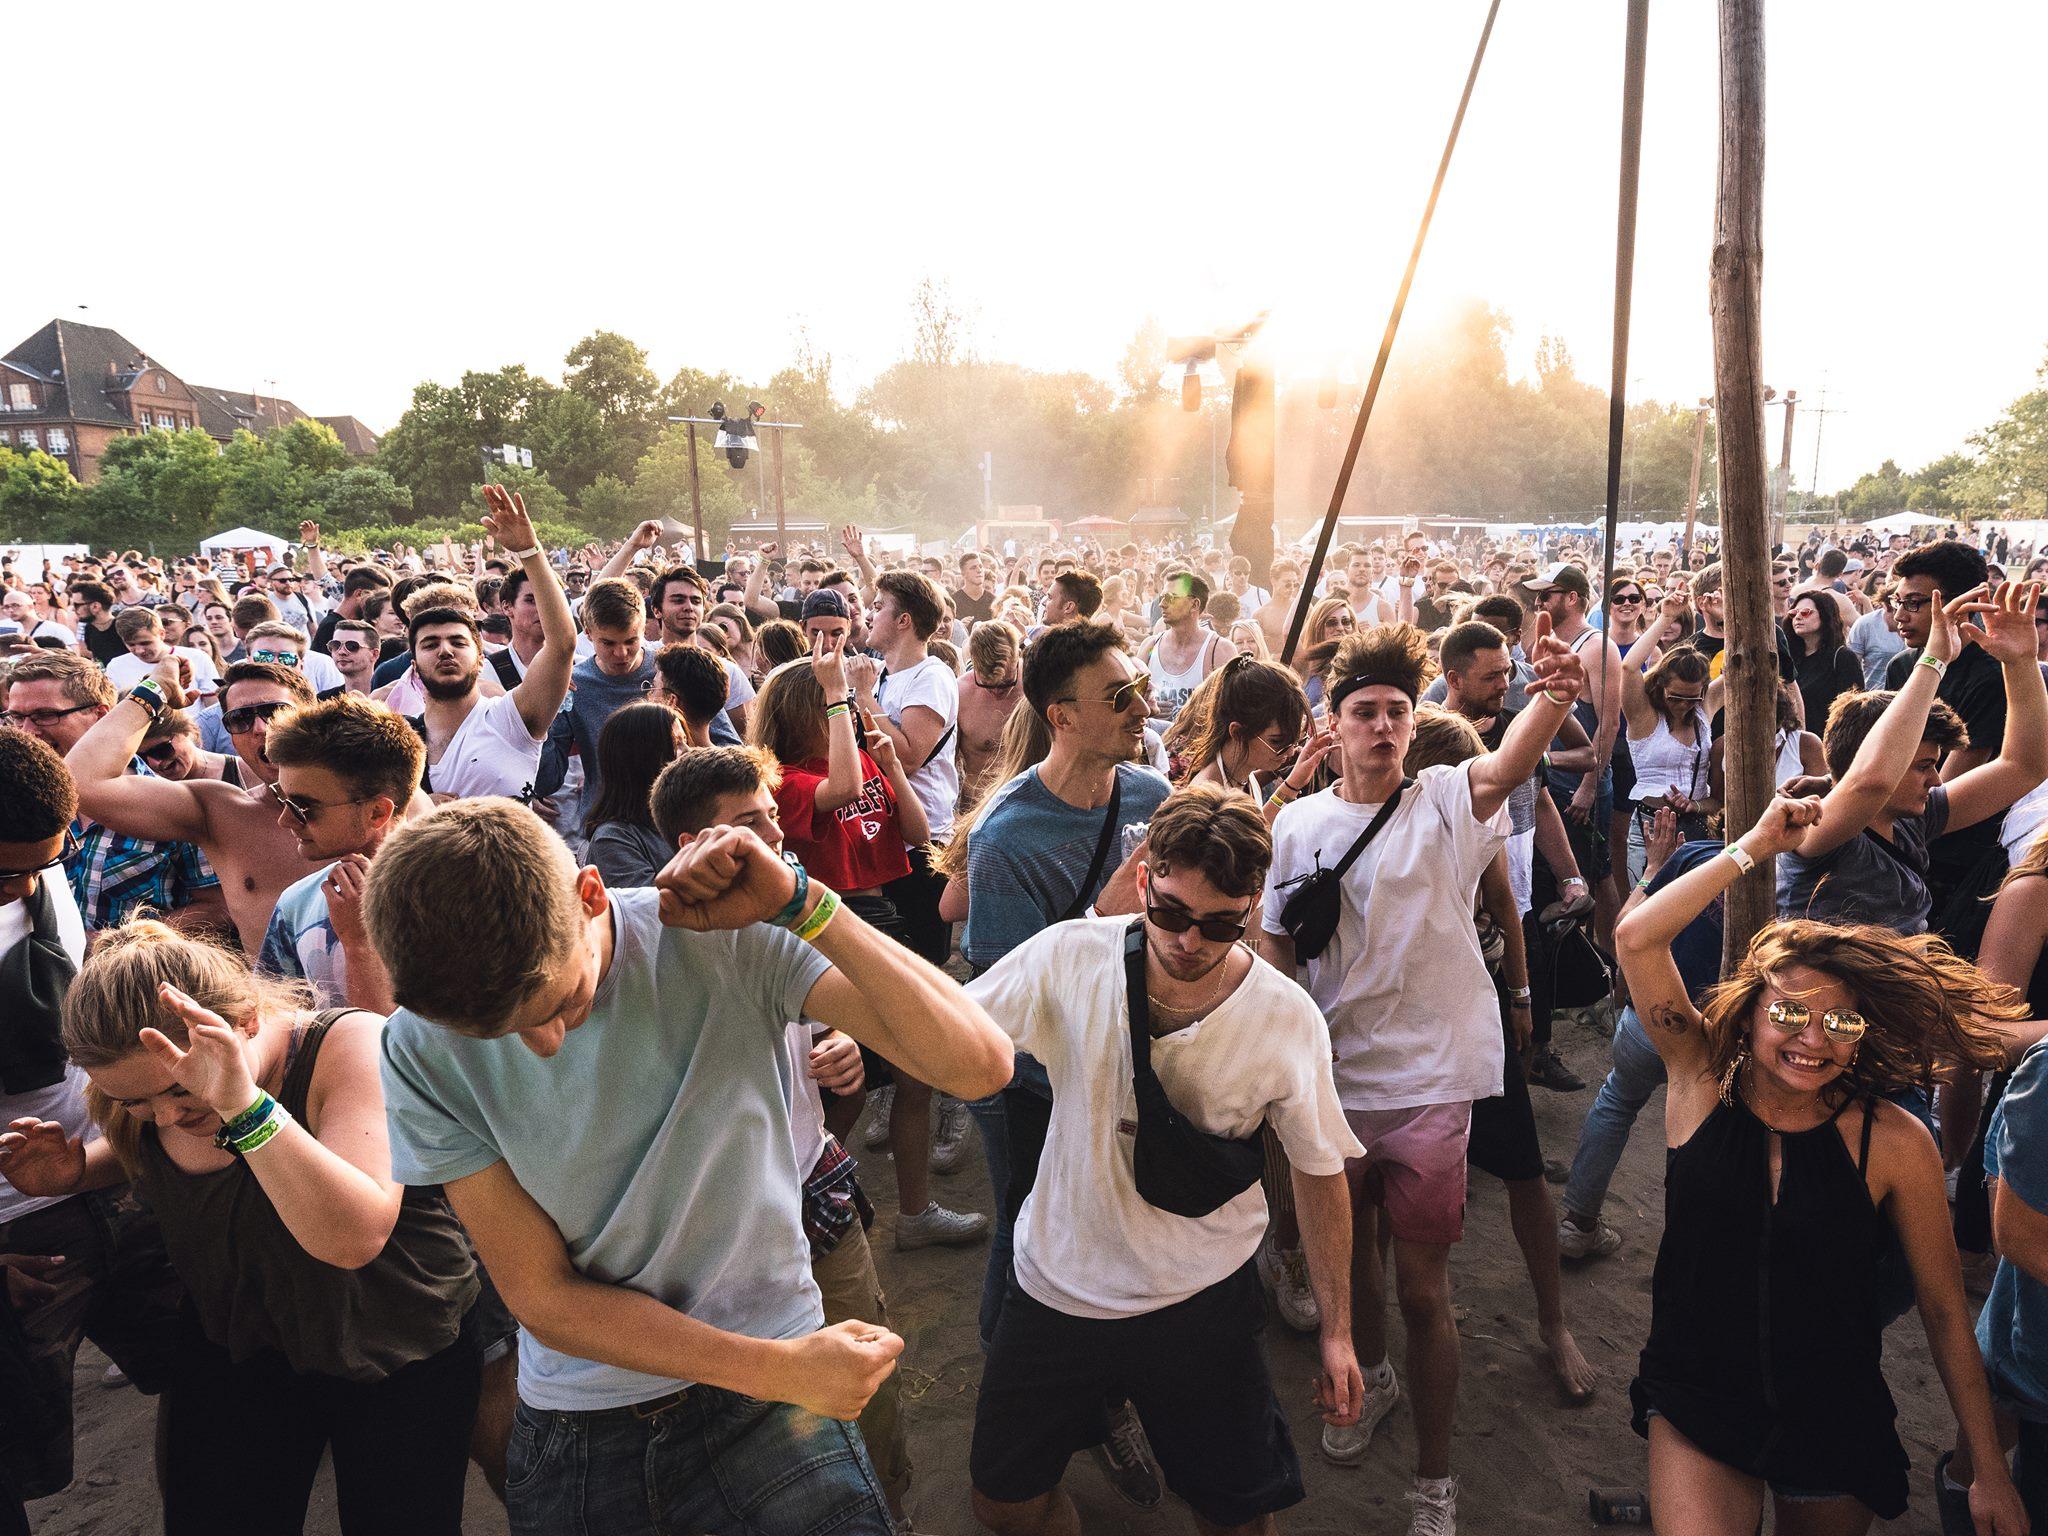 Das Oster Air – Tekkno ist Liebe verschafft dir eine fette Party!